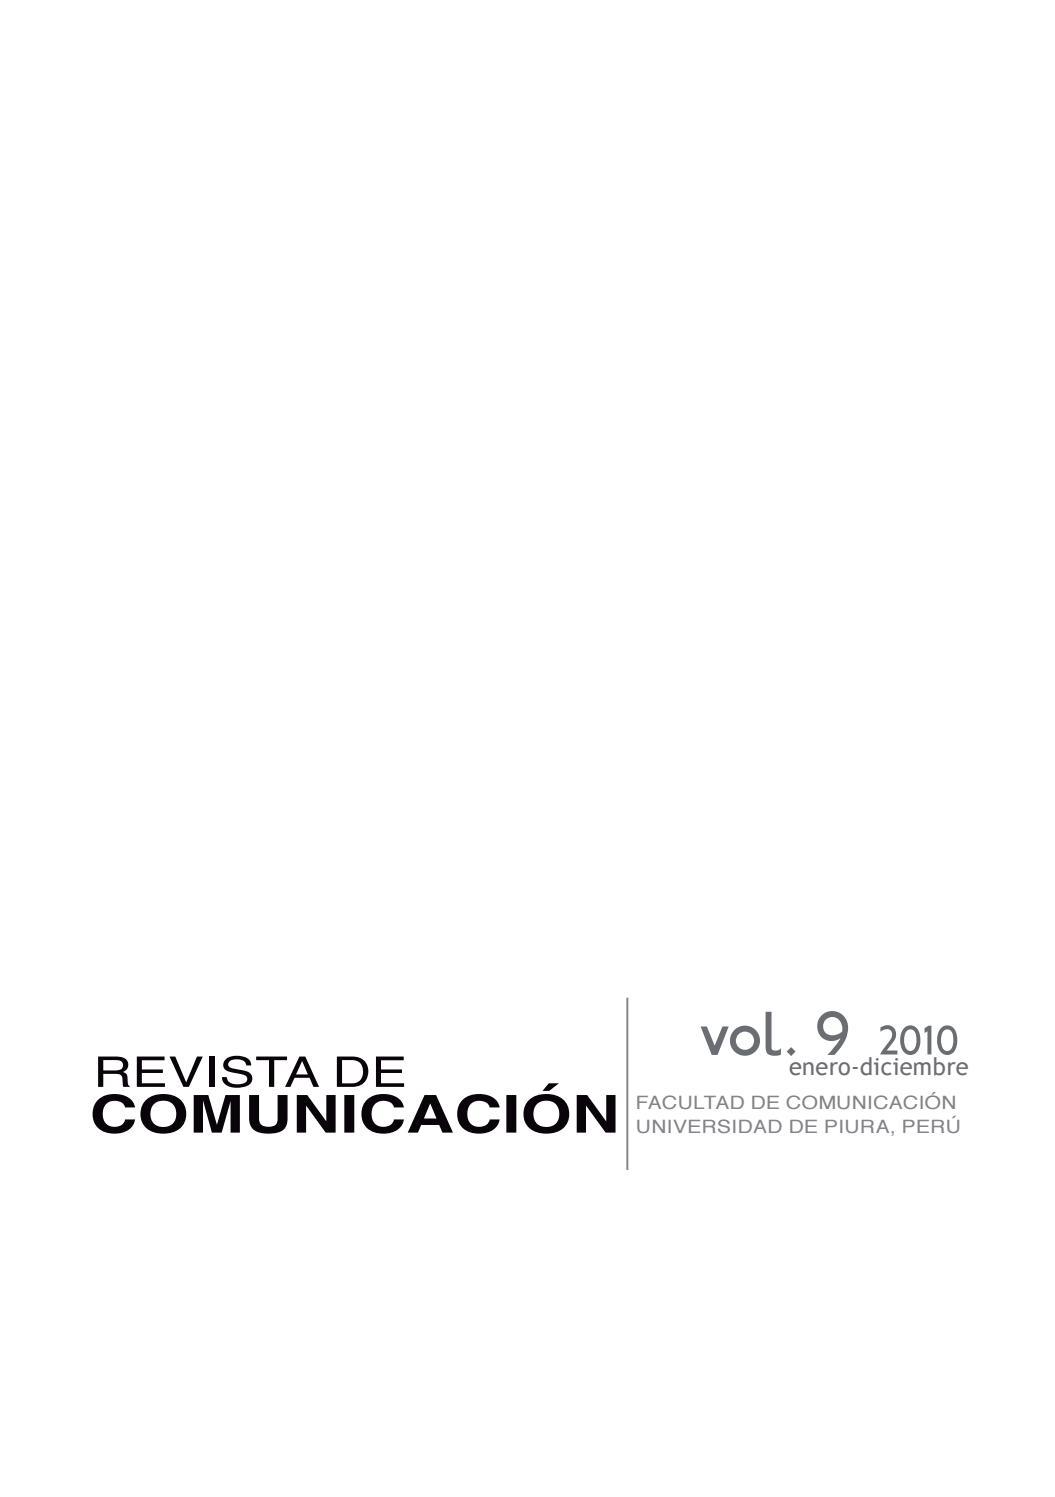 Revista de Comunicación vol. IX, 2010. Universidad de Piura by ...